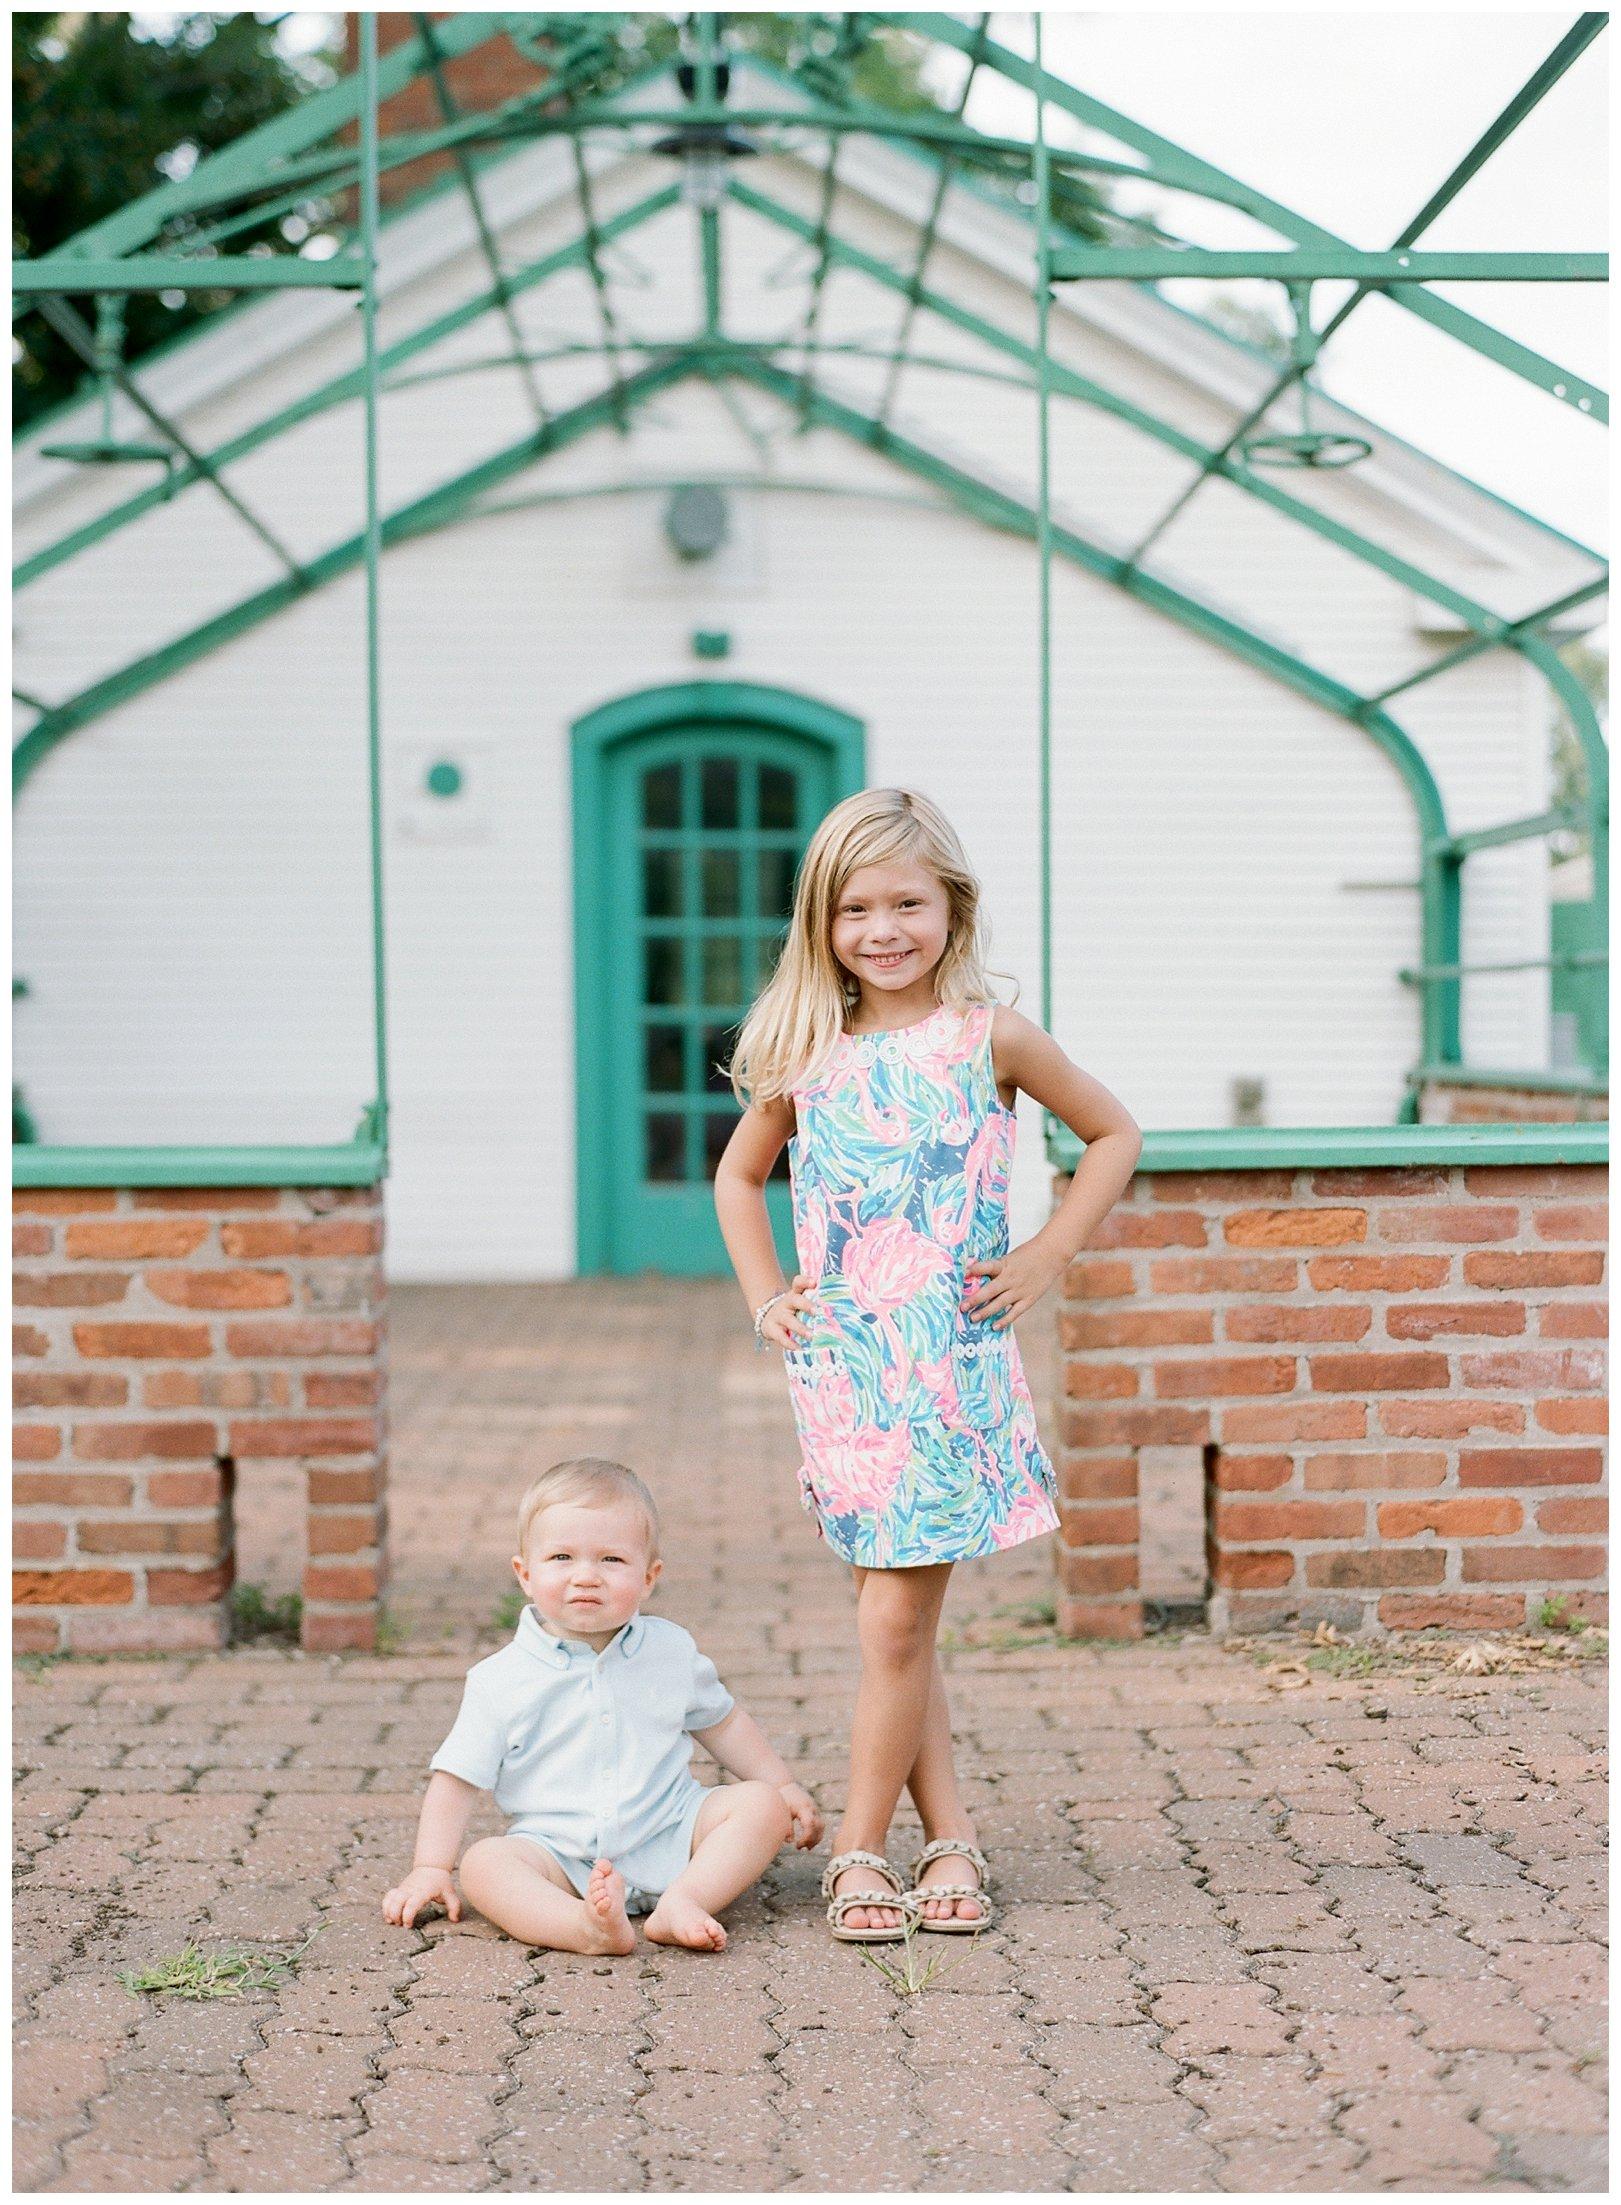 lauren muckler photography_fine art film wedding photography_st louis_photography_3560.jpg